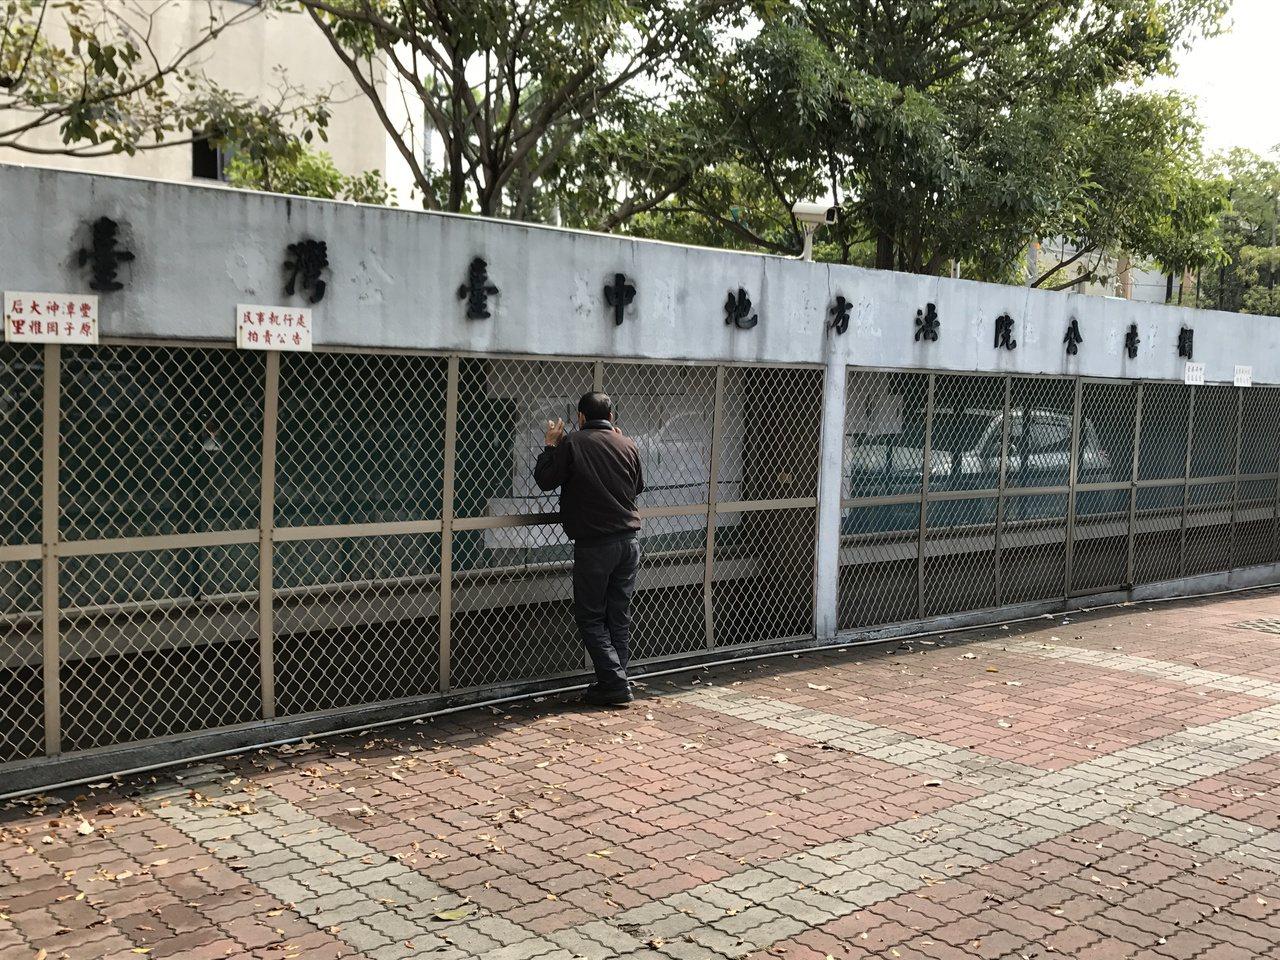 台中市陳姓老翁在今年9月涉嫌在豐原超市行竊一罐蔭瓜,台中地院判罰2000元。...